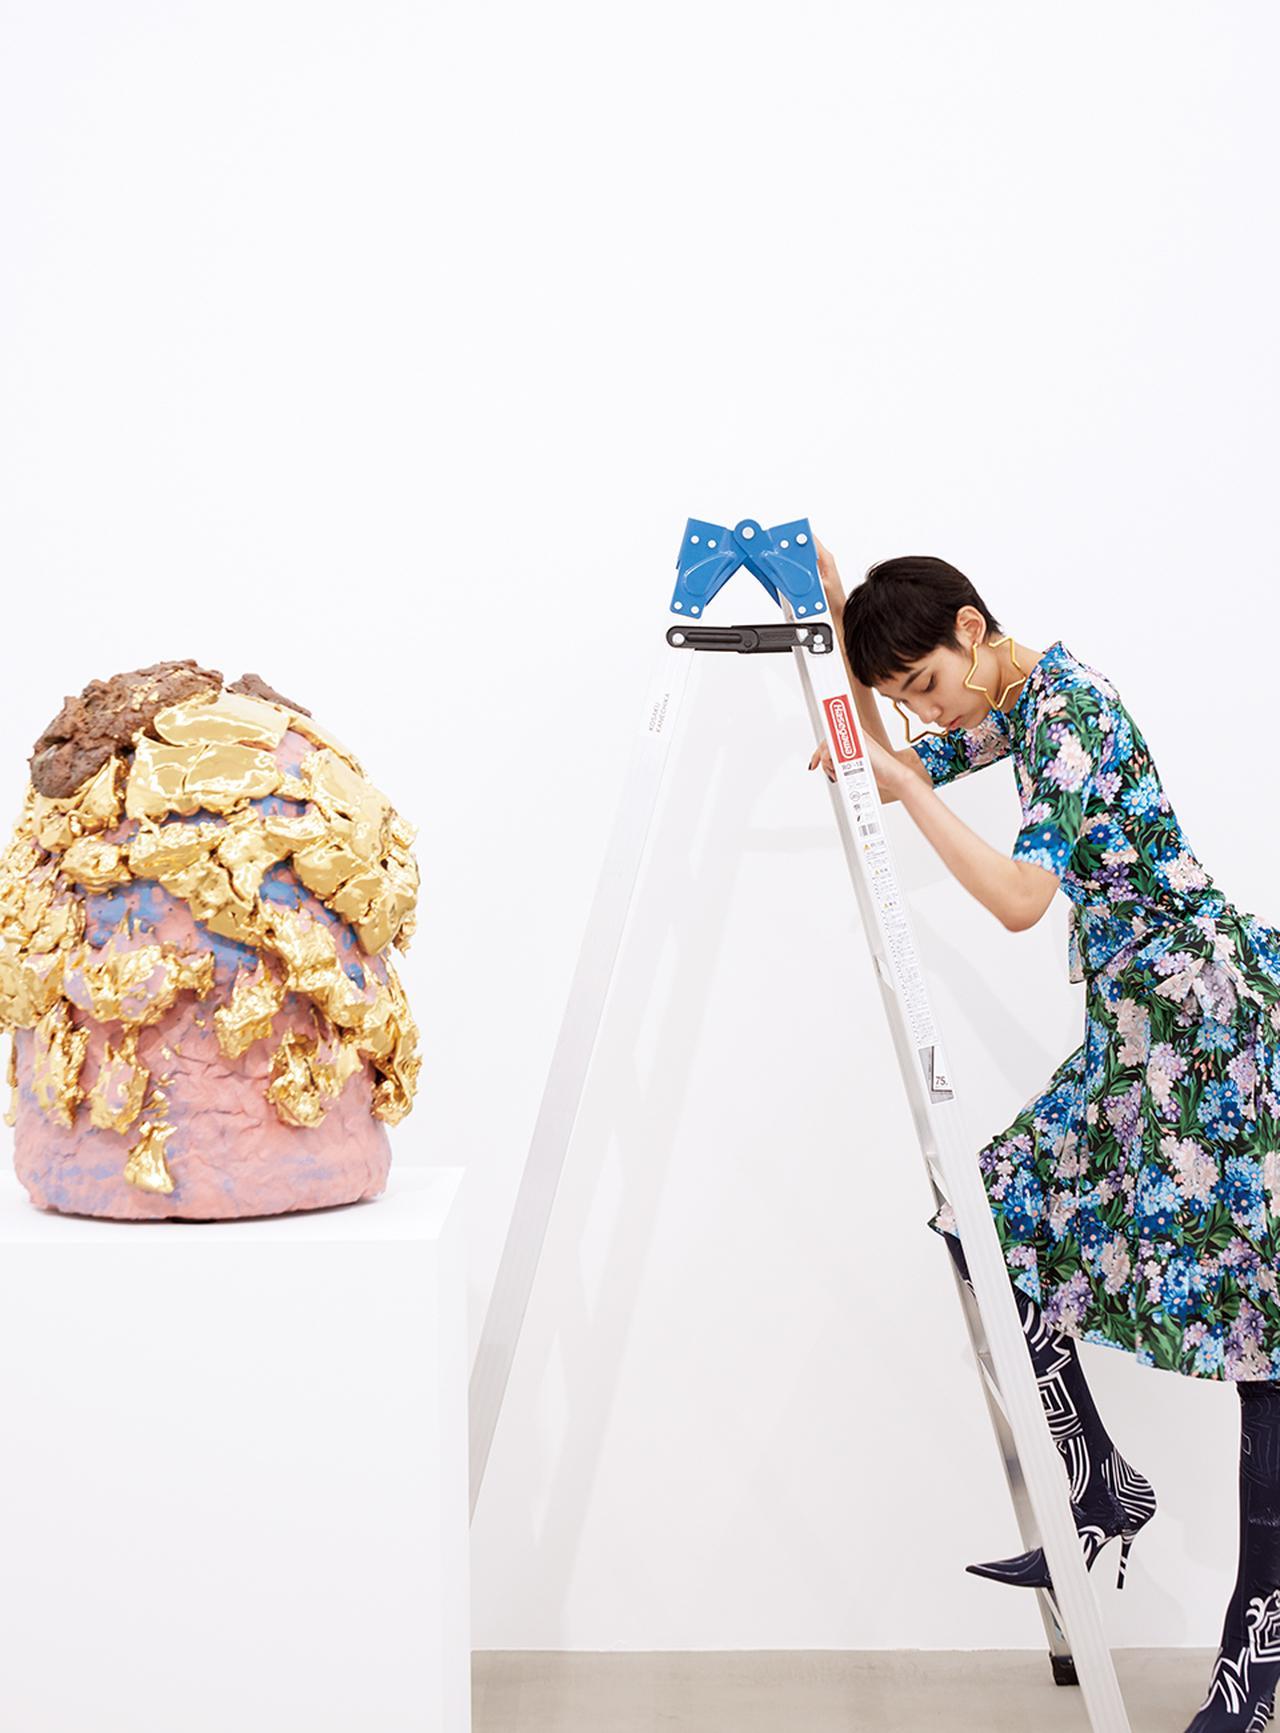 Images : 4番目の画像 - 「ギャラリストに扮して 東京アートクルーズ」のアルバム - T JAPAN:The New York Times Style Magazine 公式サイト